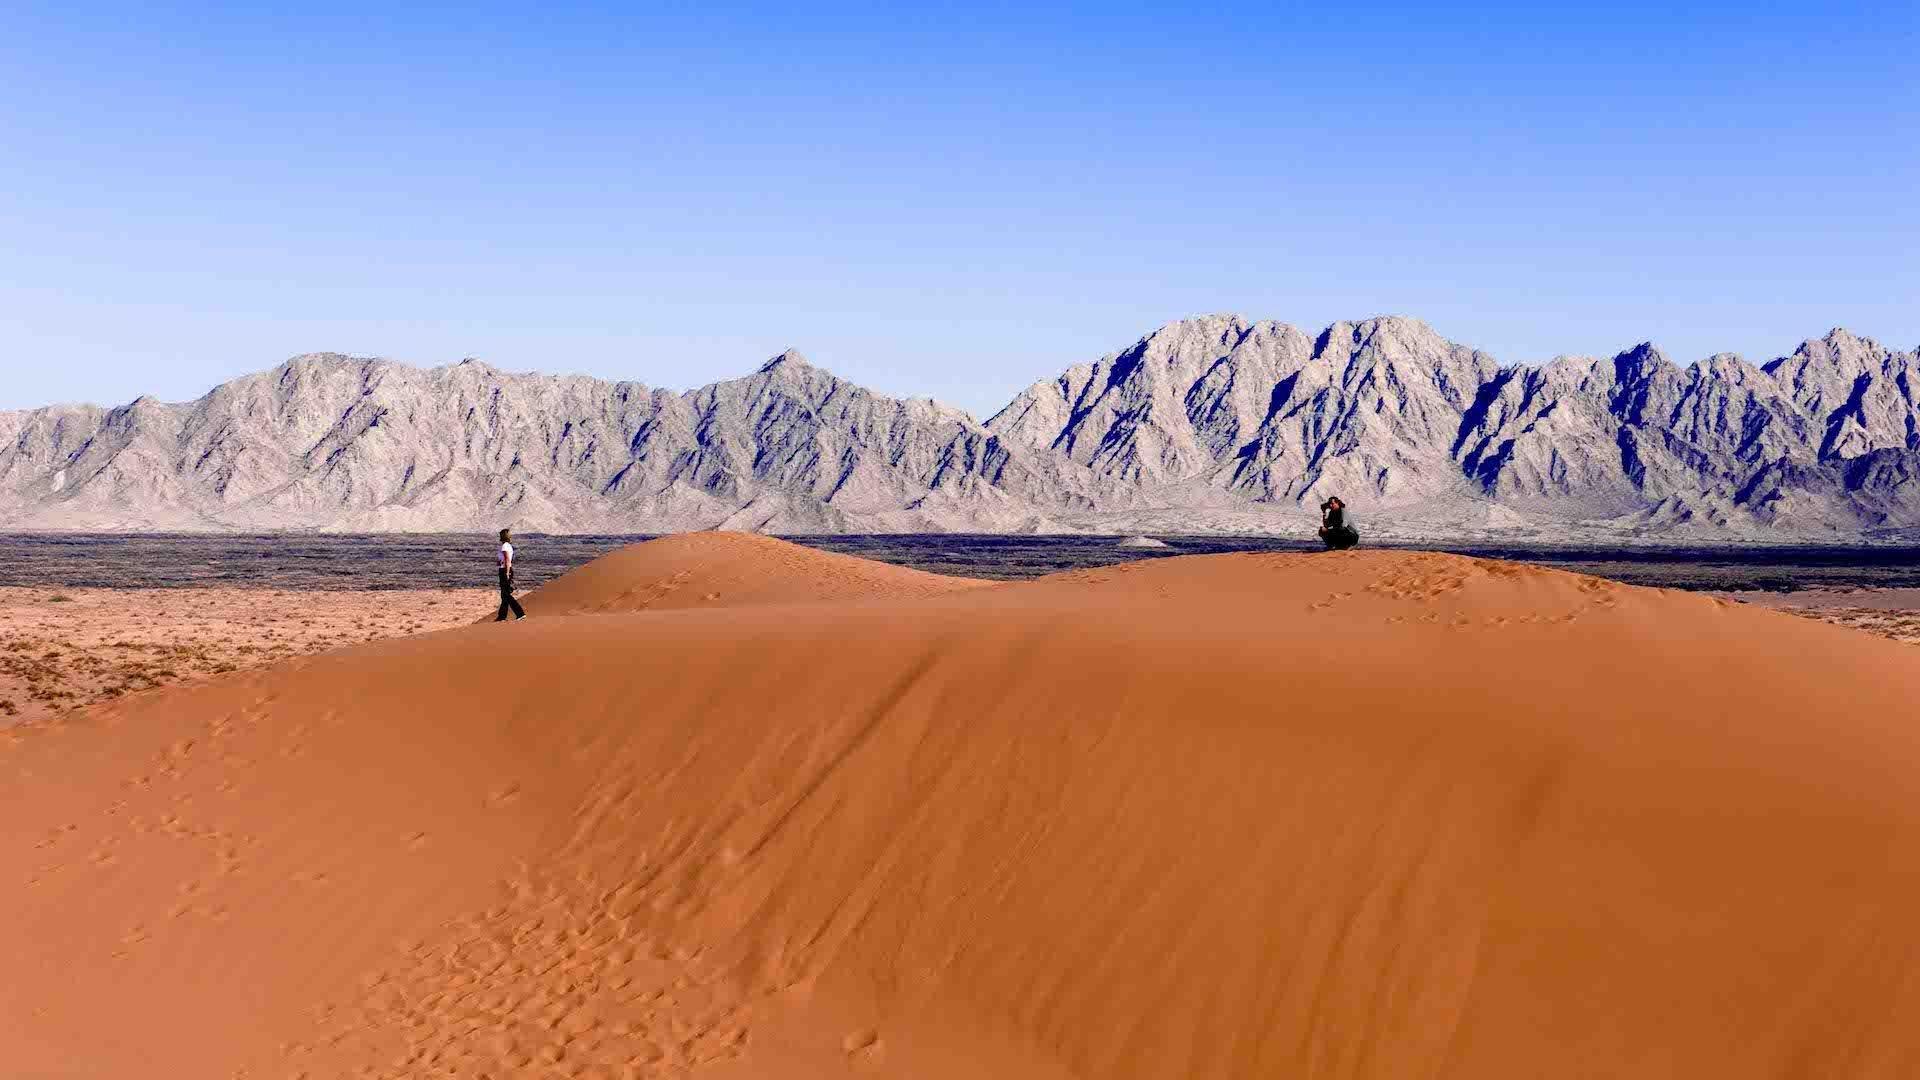 Así es Sonora, el desierto más grande de Norteamérica